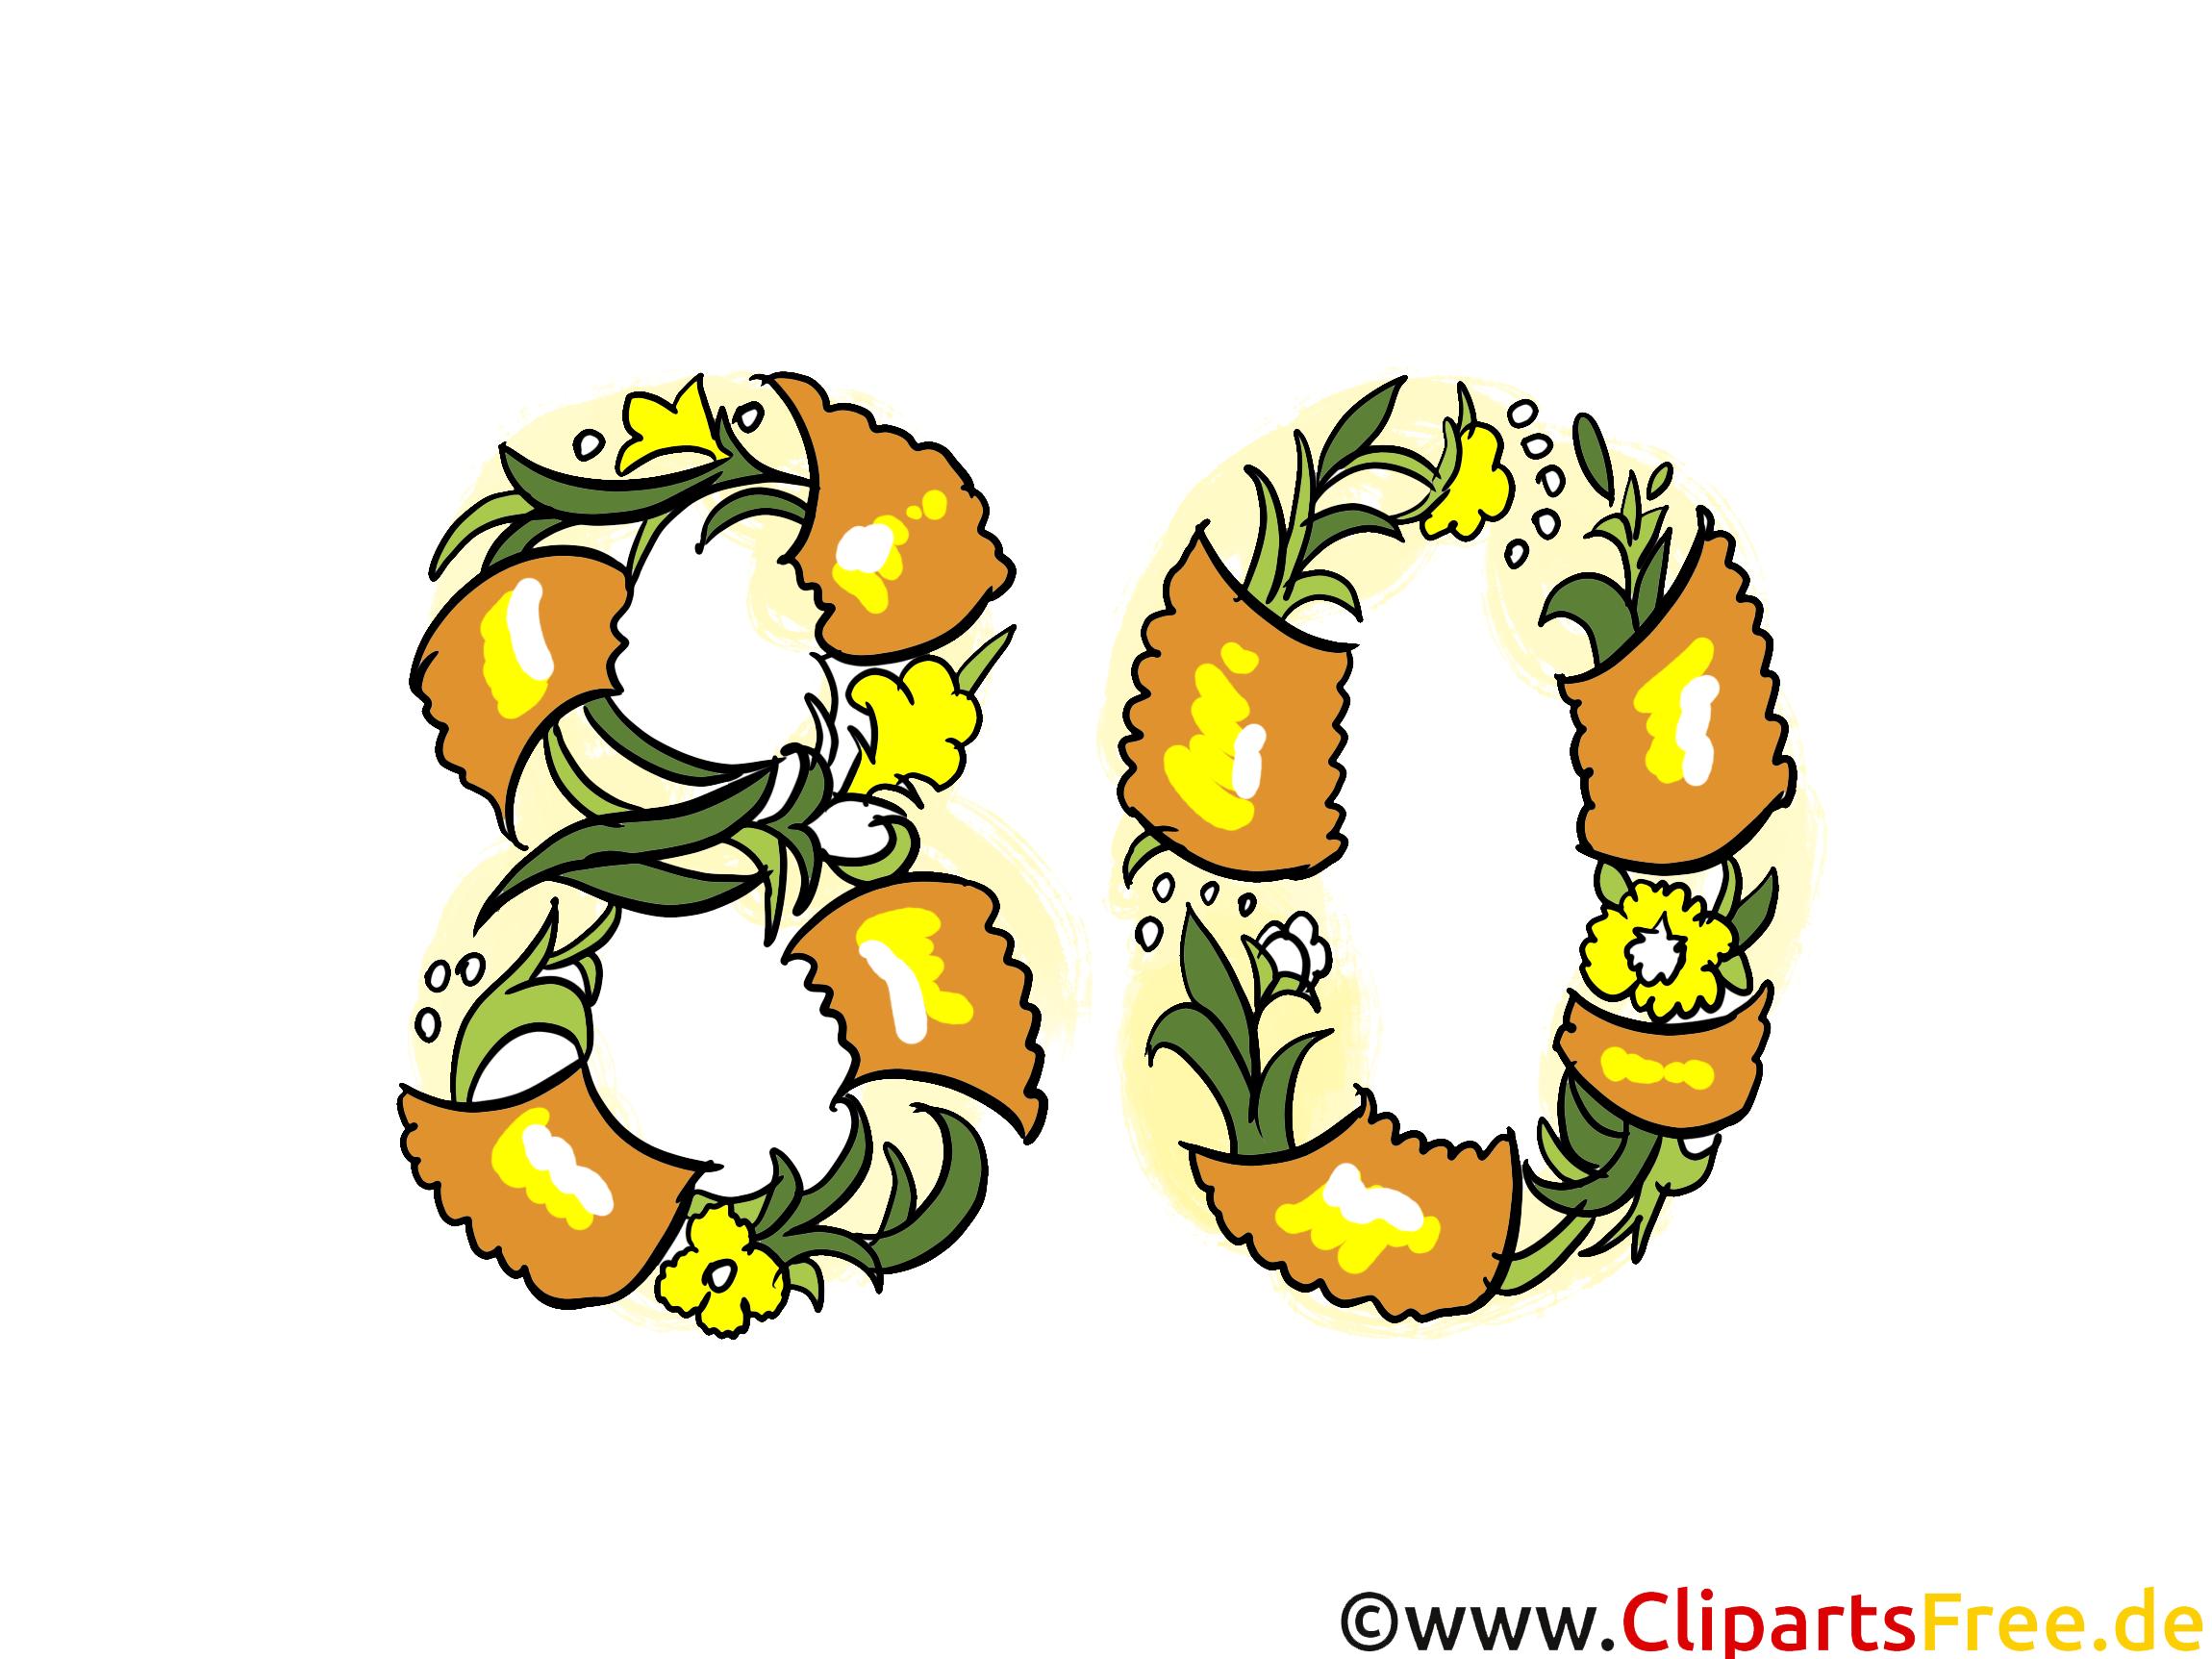 80 ans image gratuite anniversaire cliparts anniversaire dessin picture image graphic - Clipart anniversaire gratuit telecharger ...